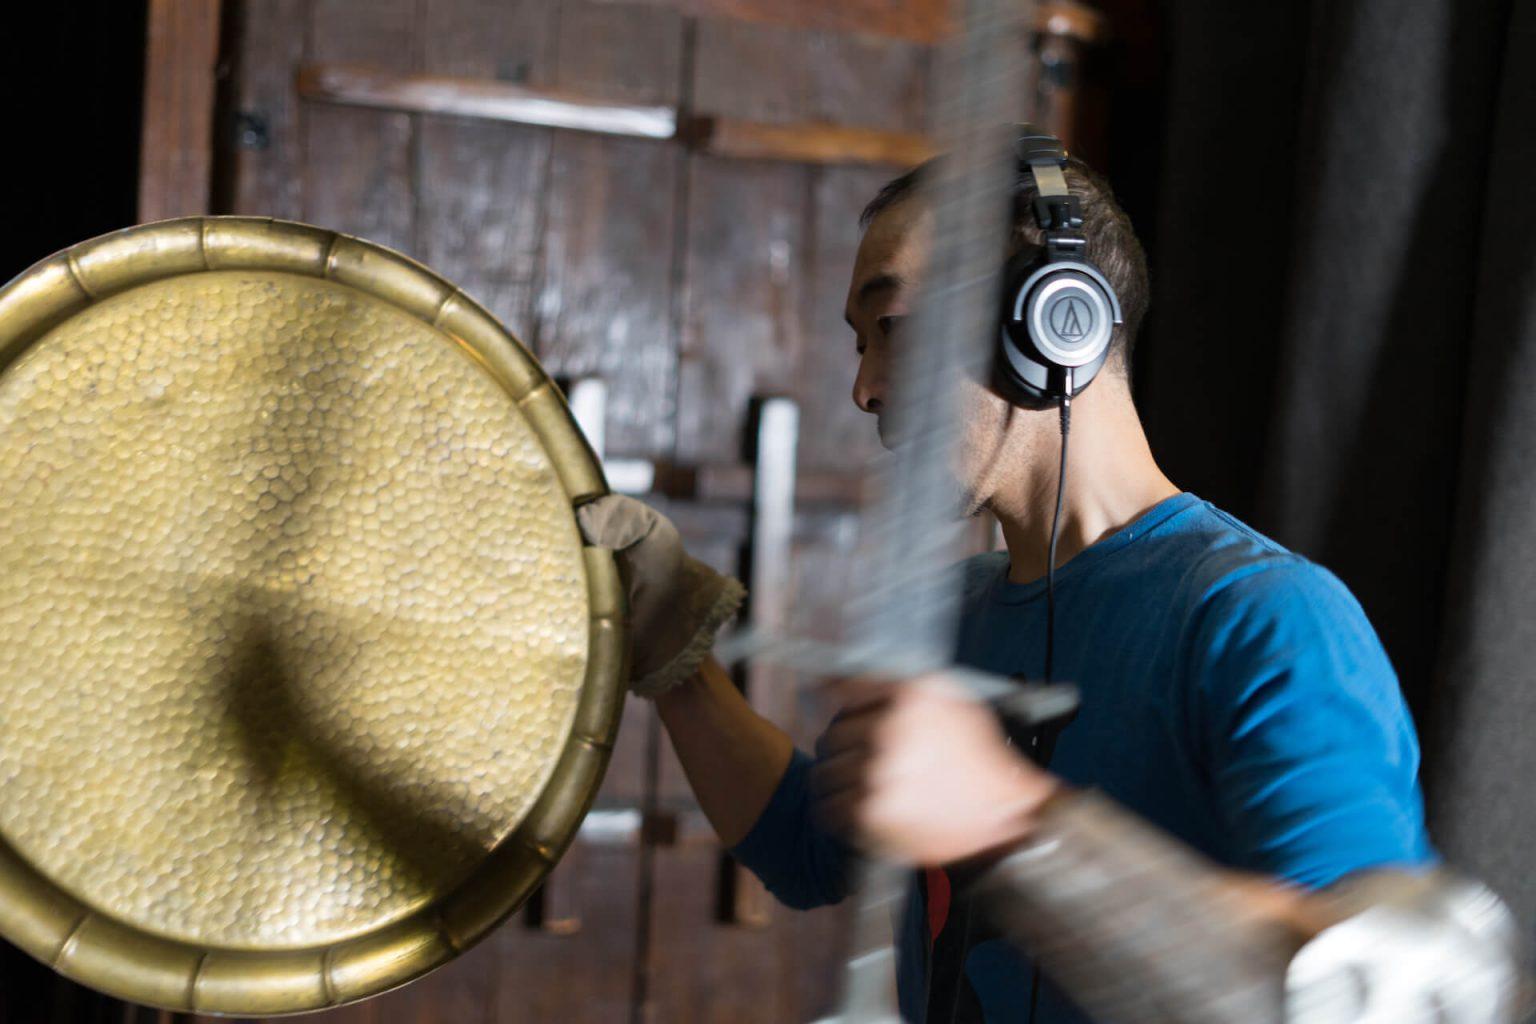 """Goro-Foley.Blurr-Sward-1440x960 海を超えて出会った世界、聴こえた""""音"""" ――フォーリーアーティスト小山吾郎"""